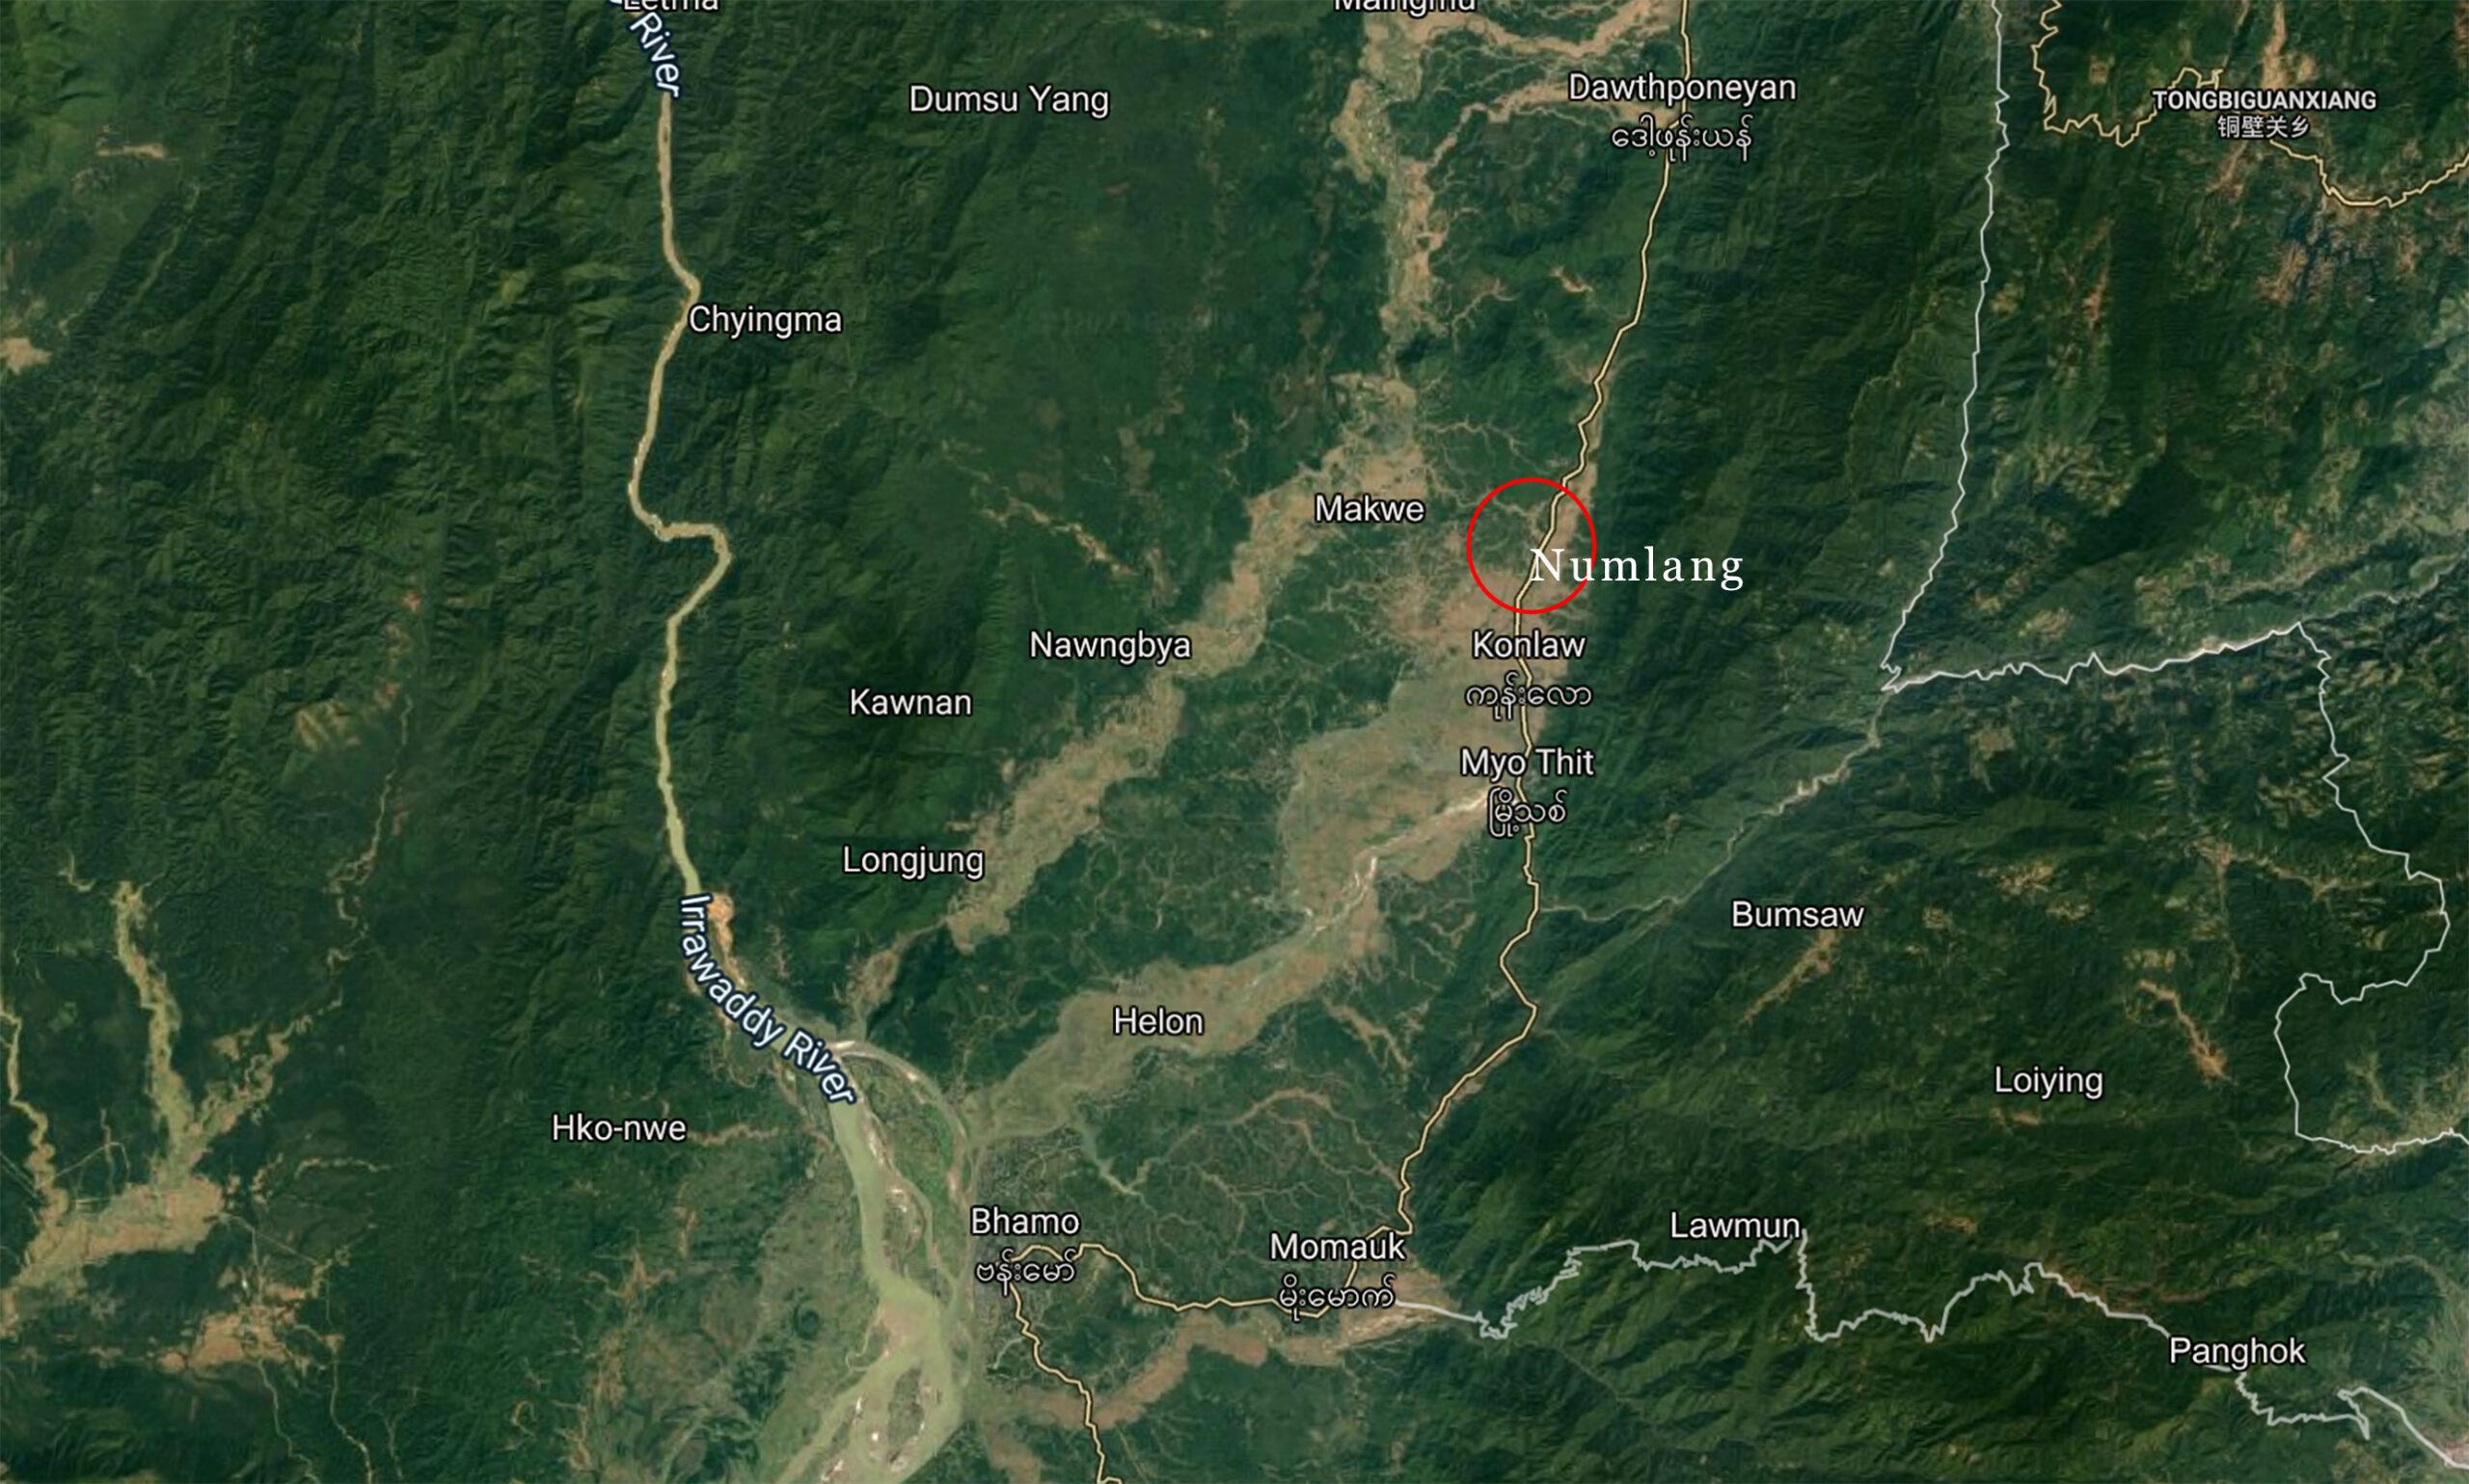 နွမ်းလန့် (Numlang) ကျေးရွာနေအိမ်များသို့ အာဏာသိမ်းစစ်တပ်က လက်နက်ကြီးပစ်ခတ်